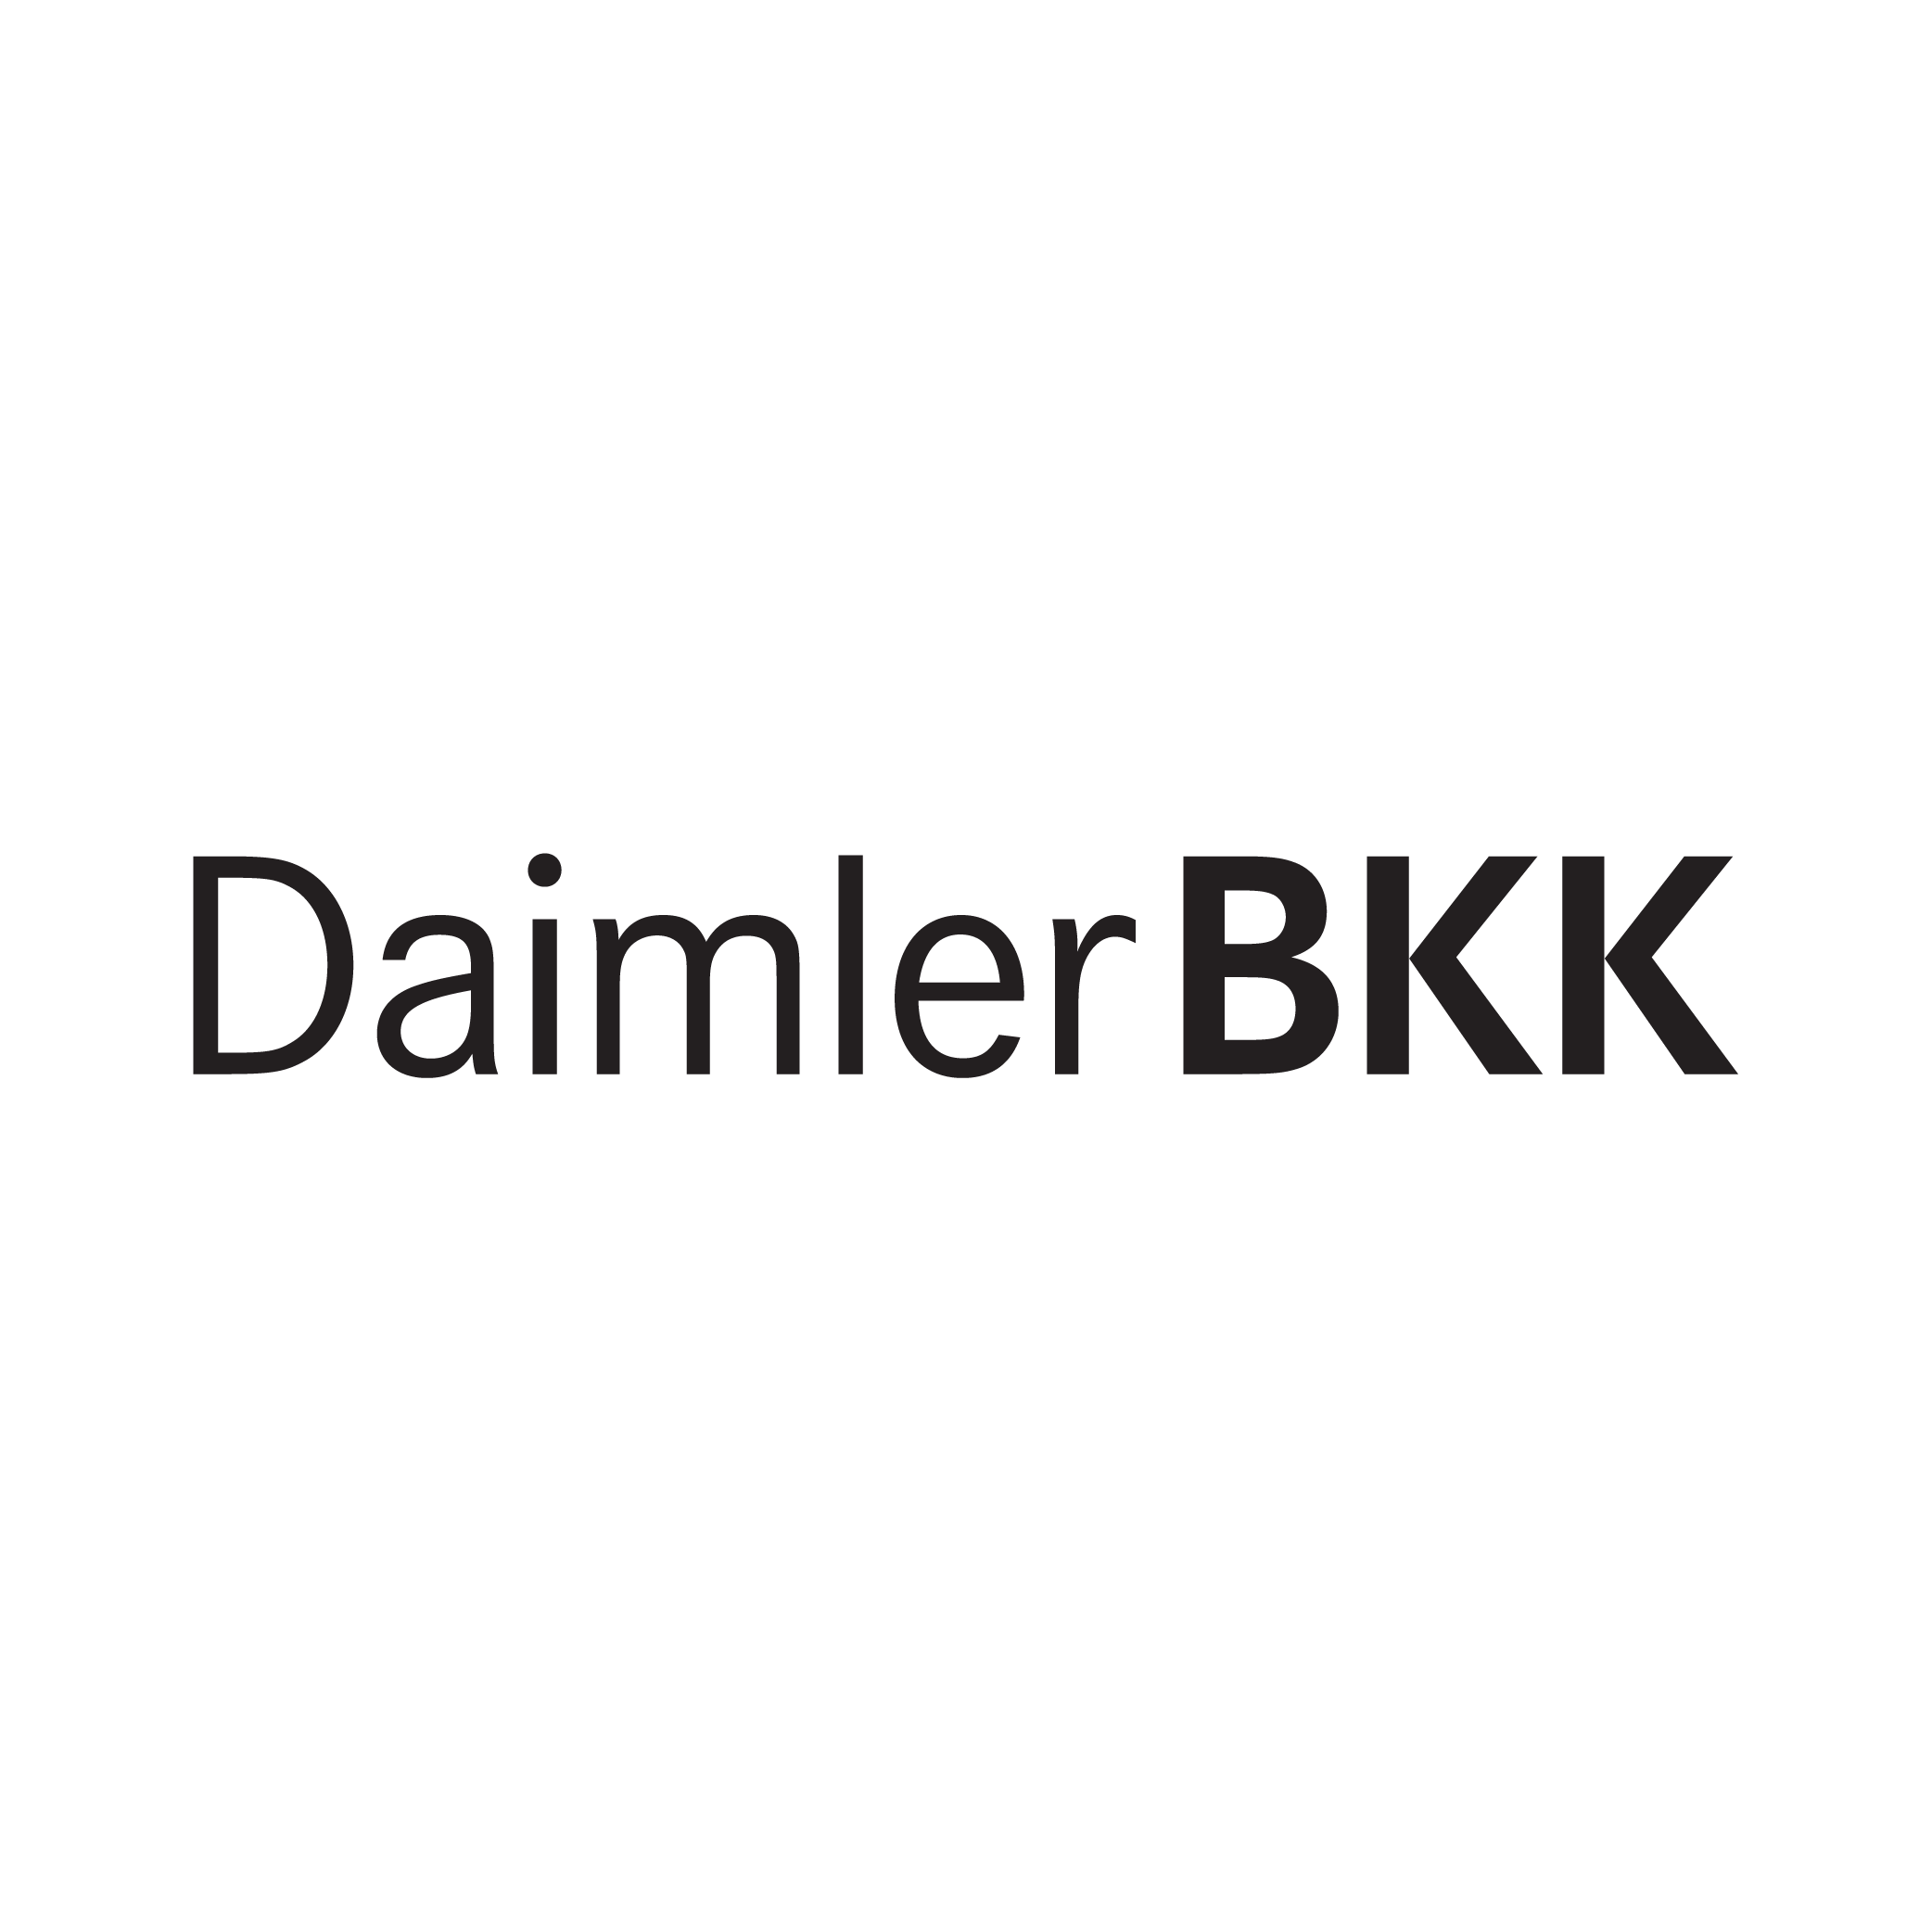 Markenzeichen der Daimler BKK